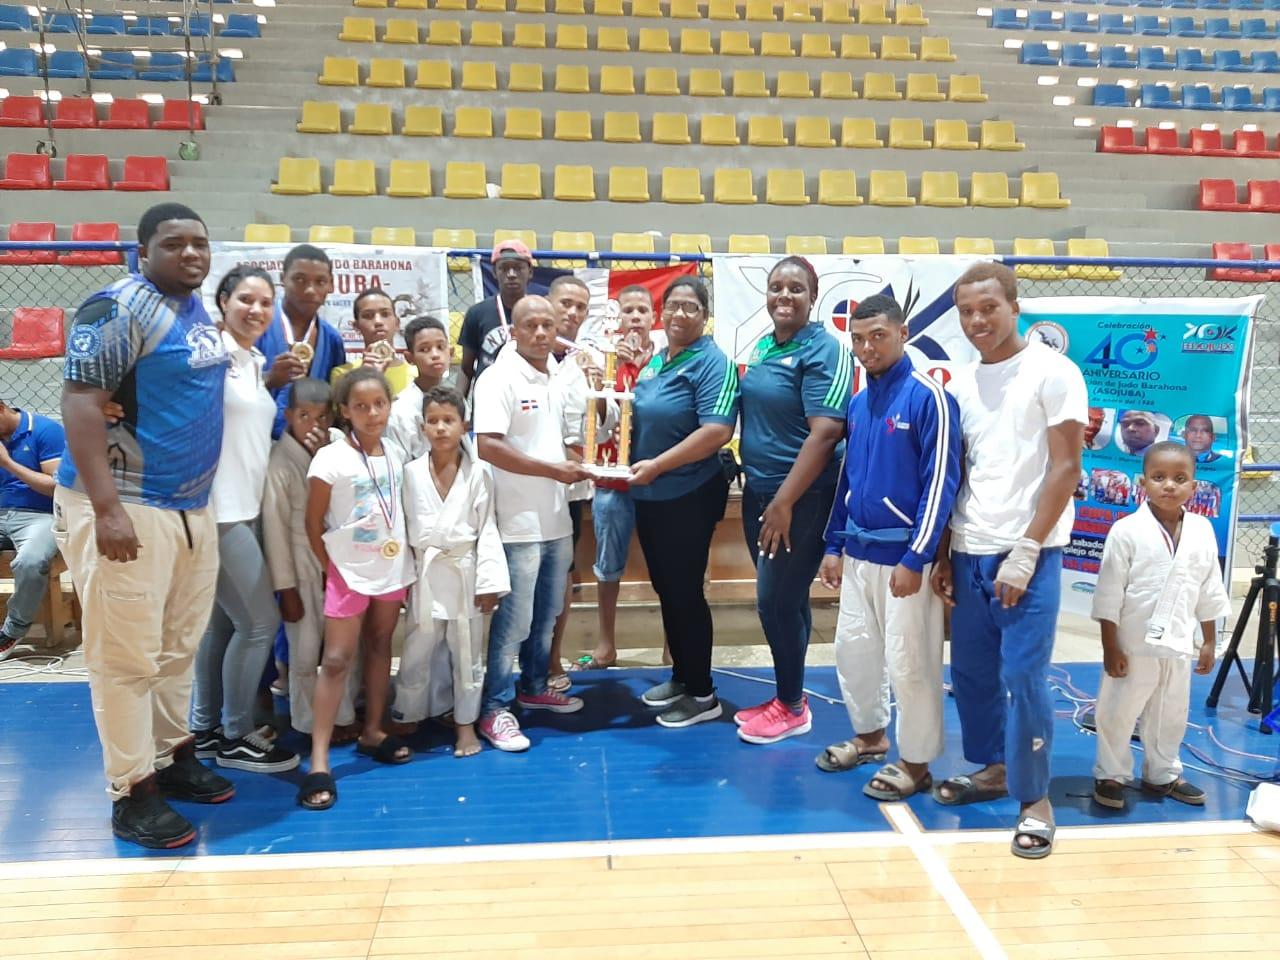 Asociación Judo Barahona gana II torneo Invitacional Miguel Caro